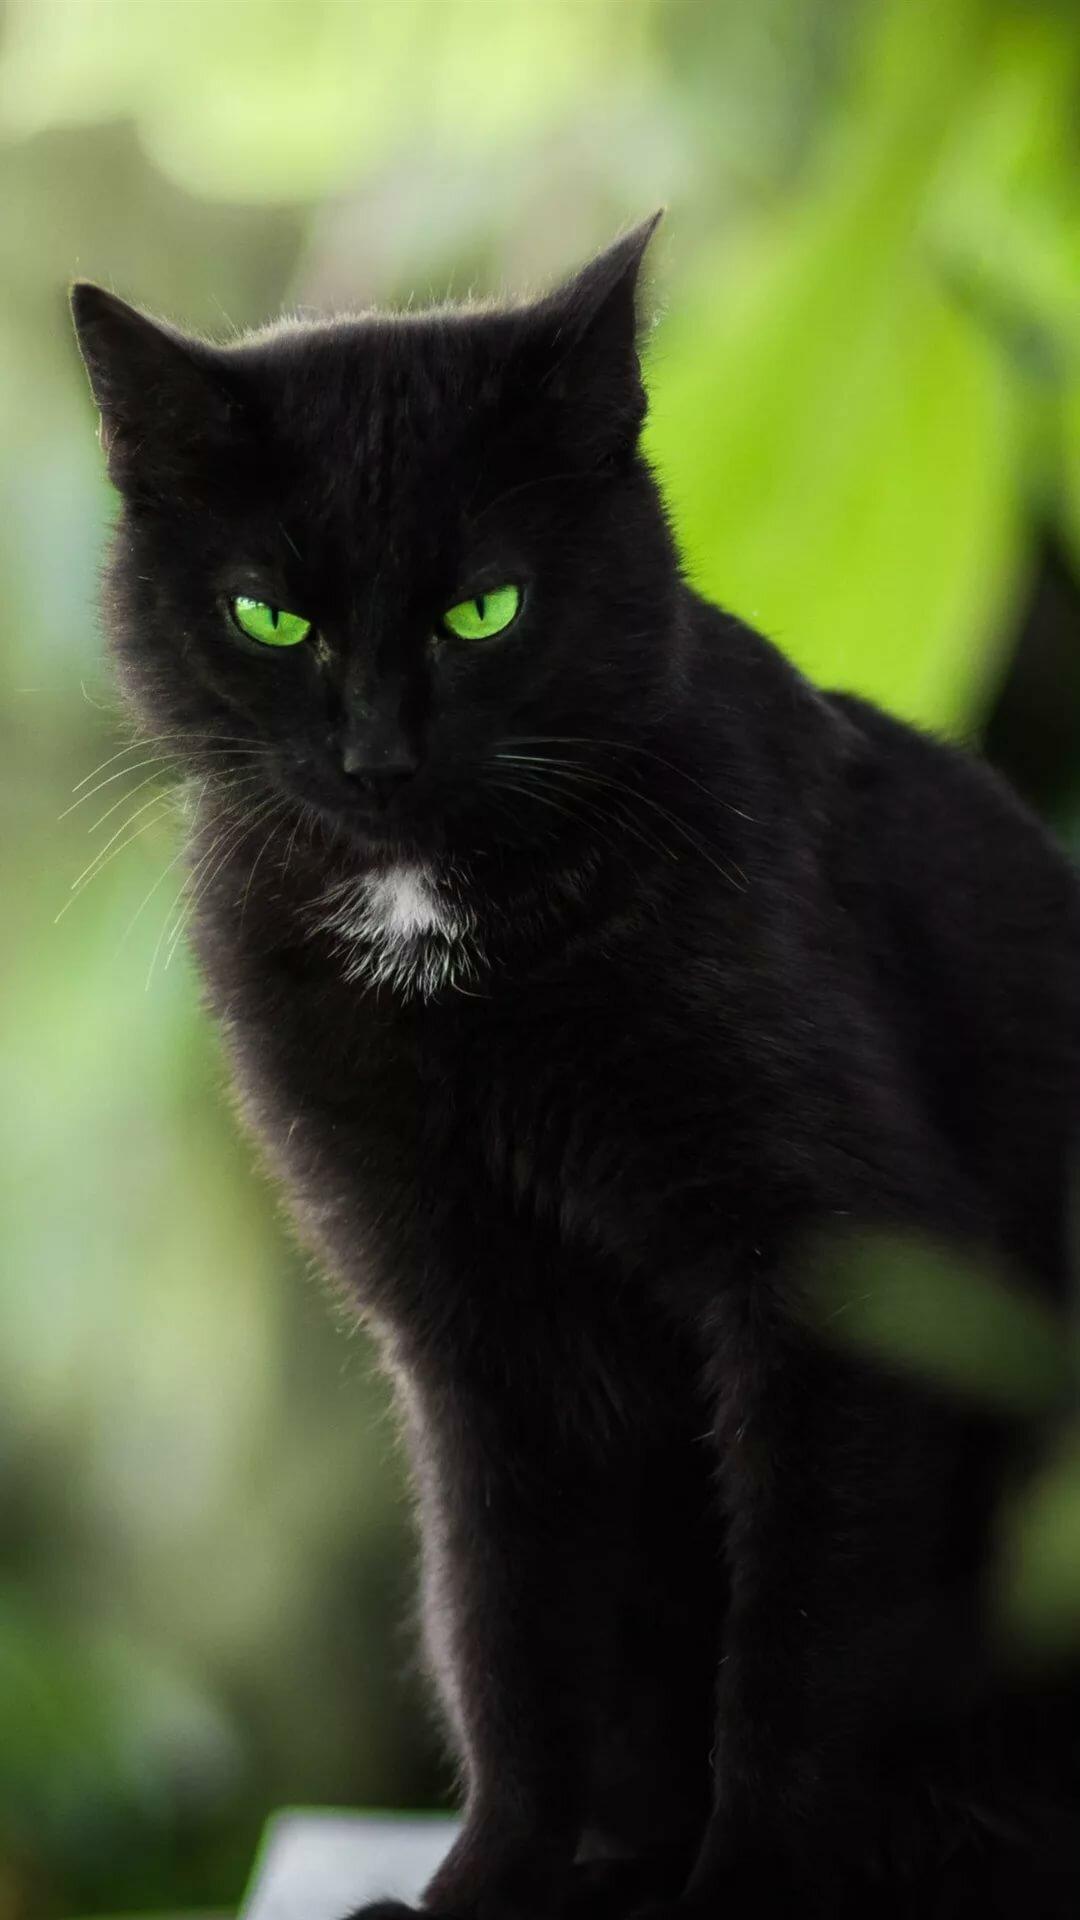 картинки черный кот с зелеными майя один любимых